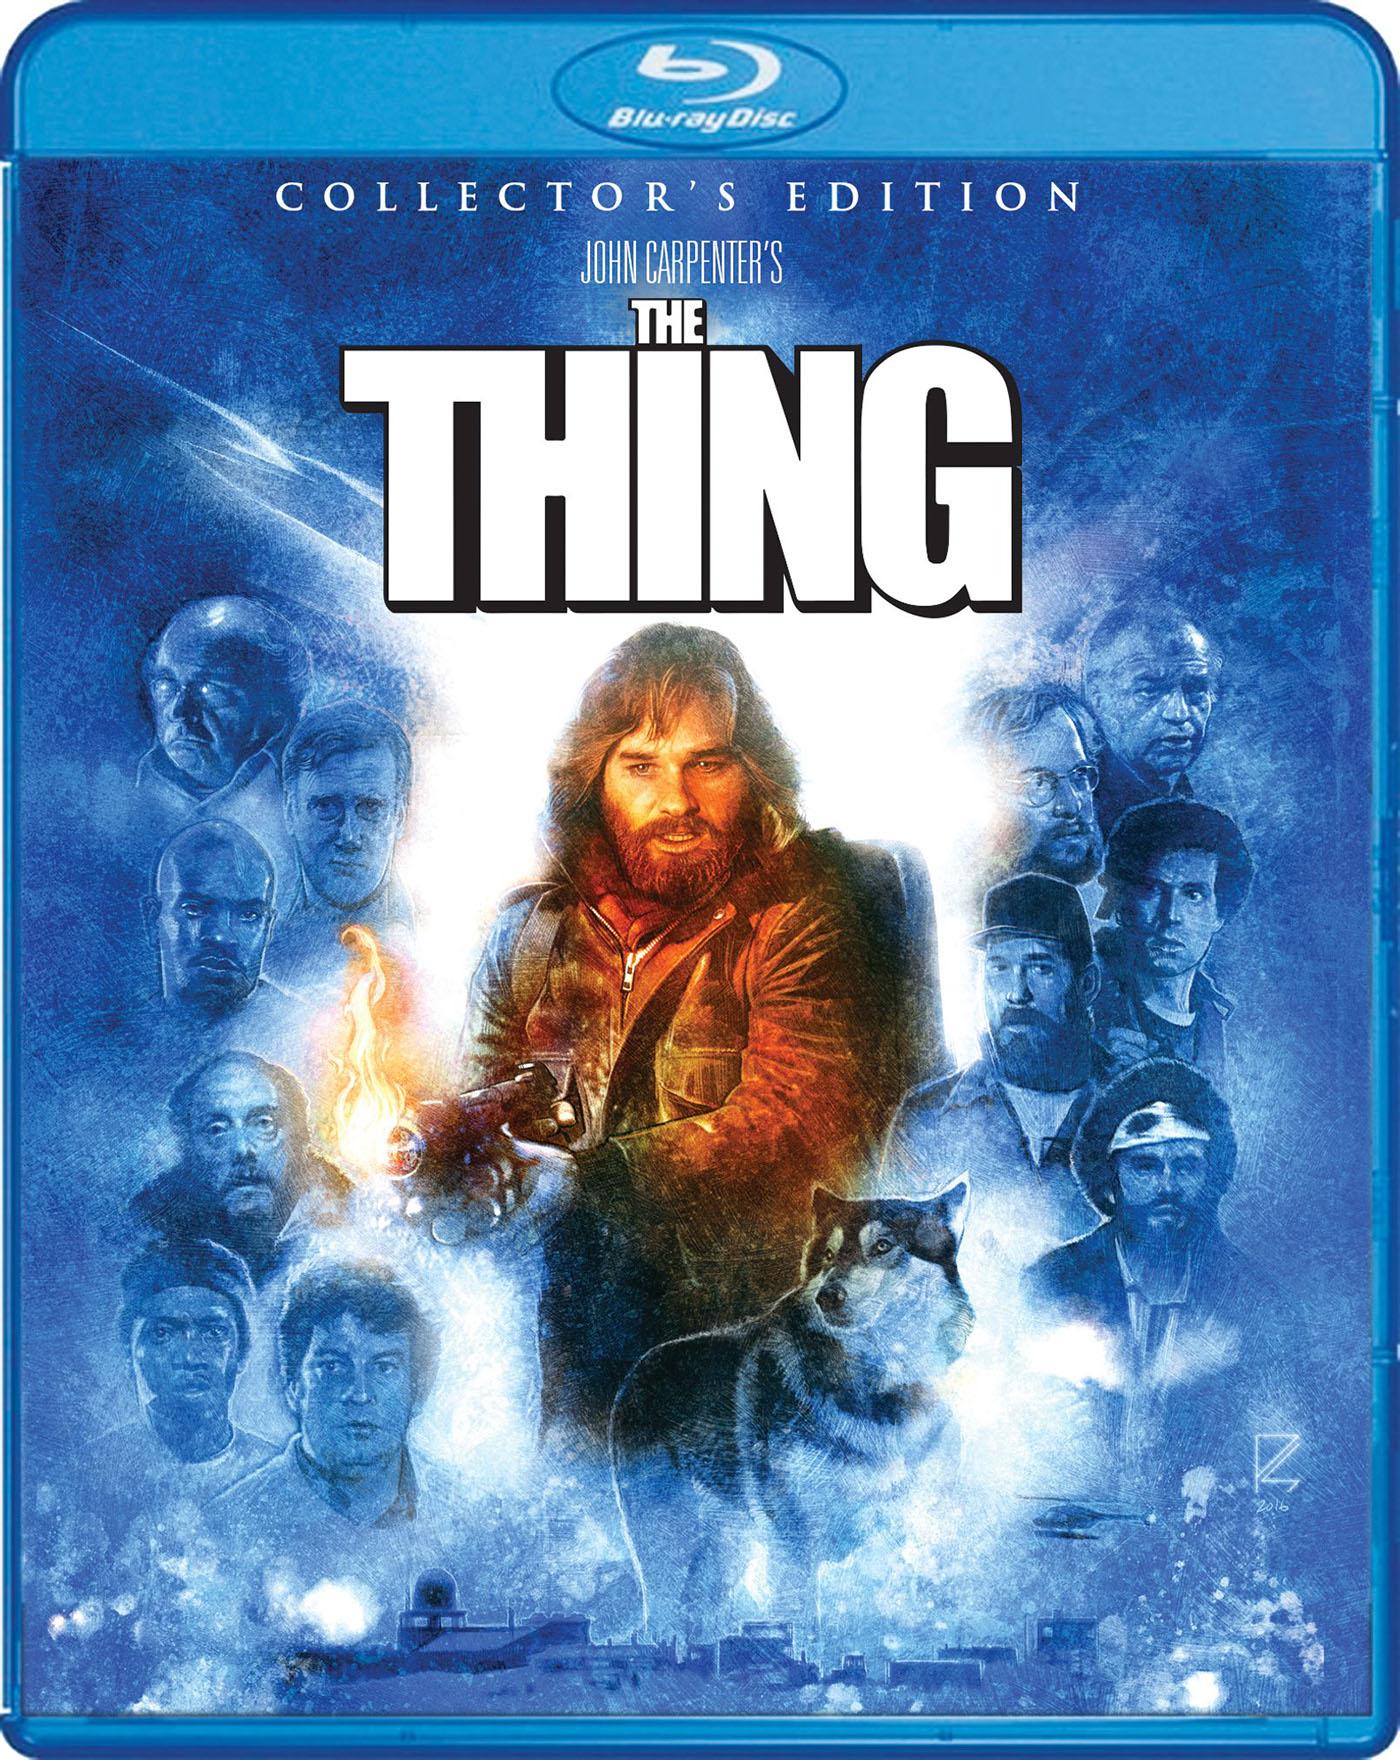 John Carpenter's The Thing on Behance